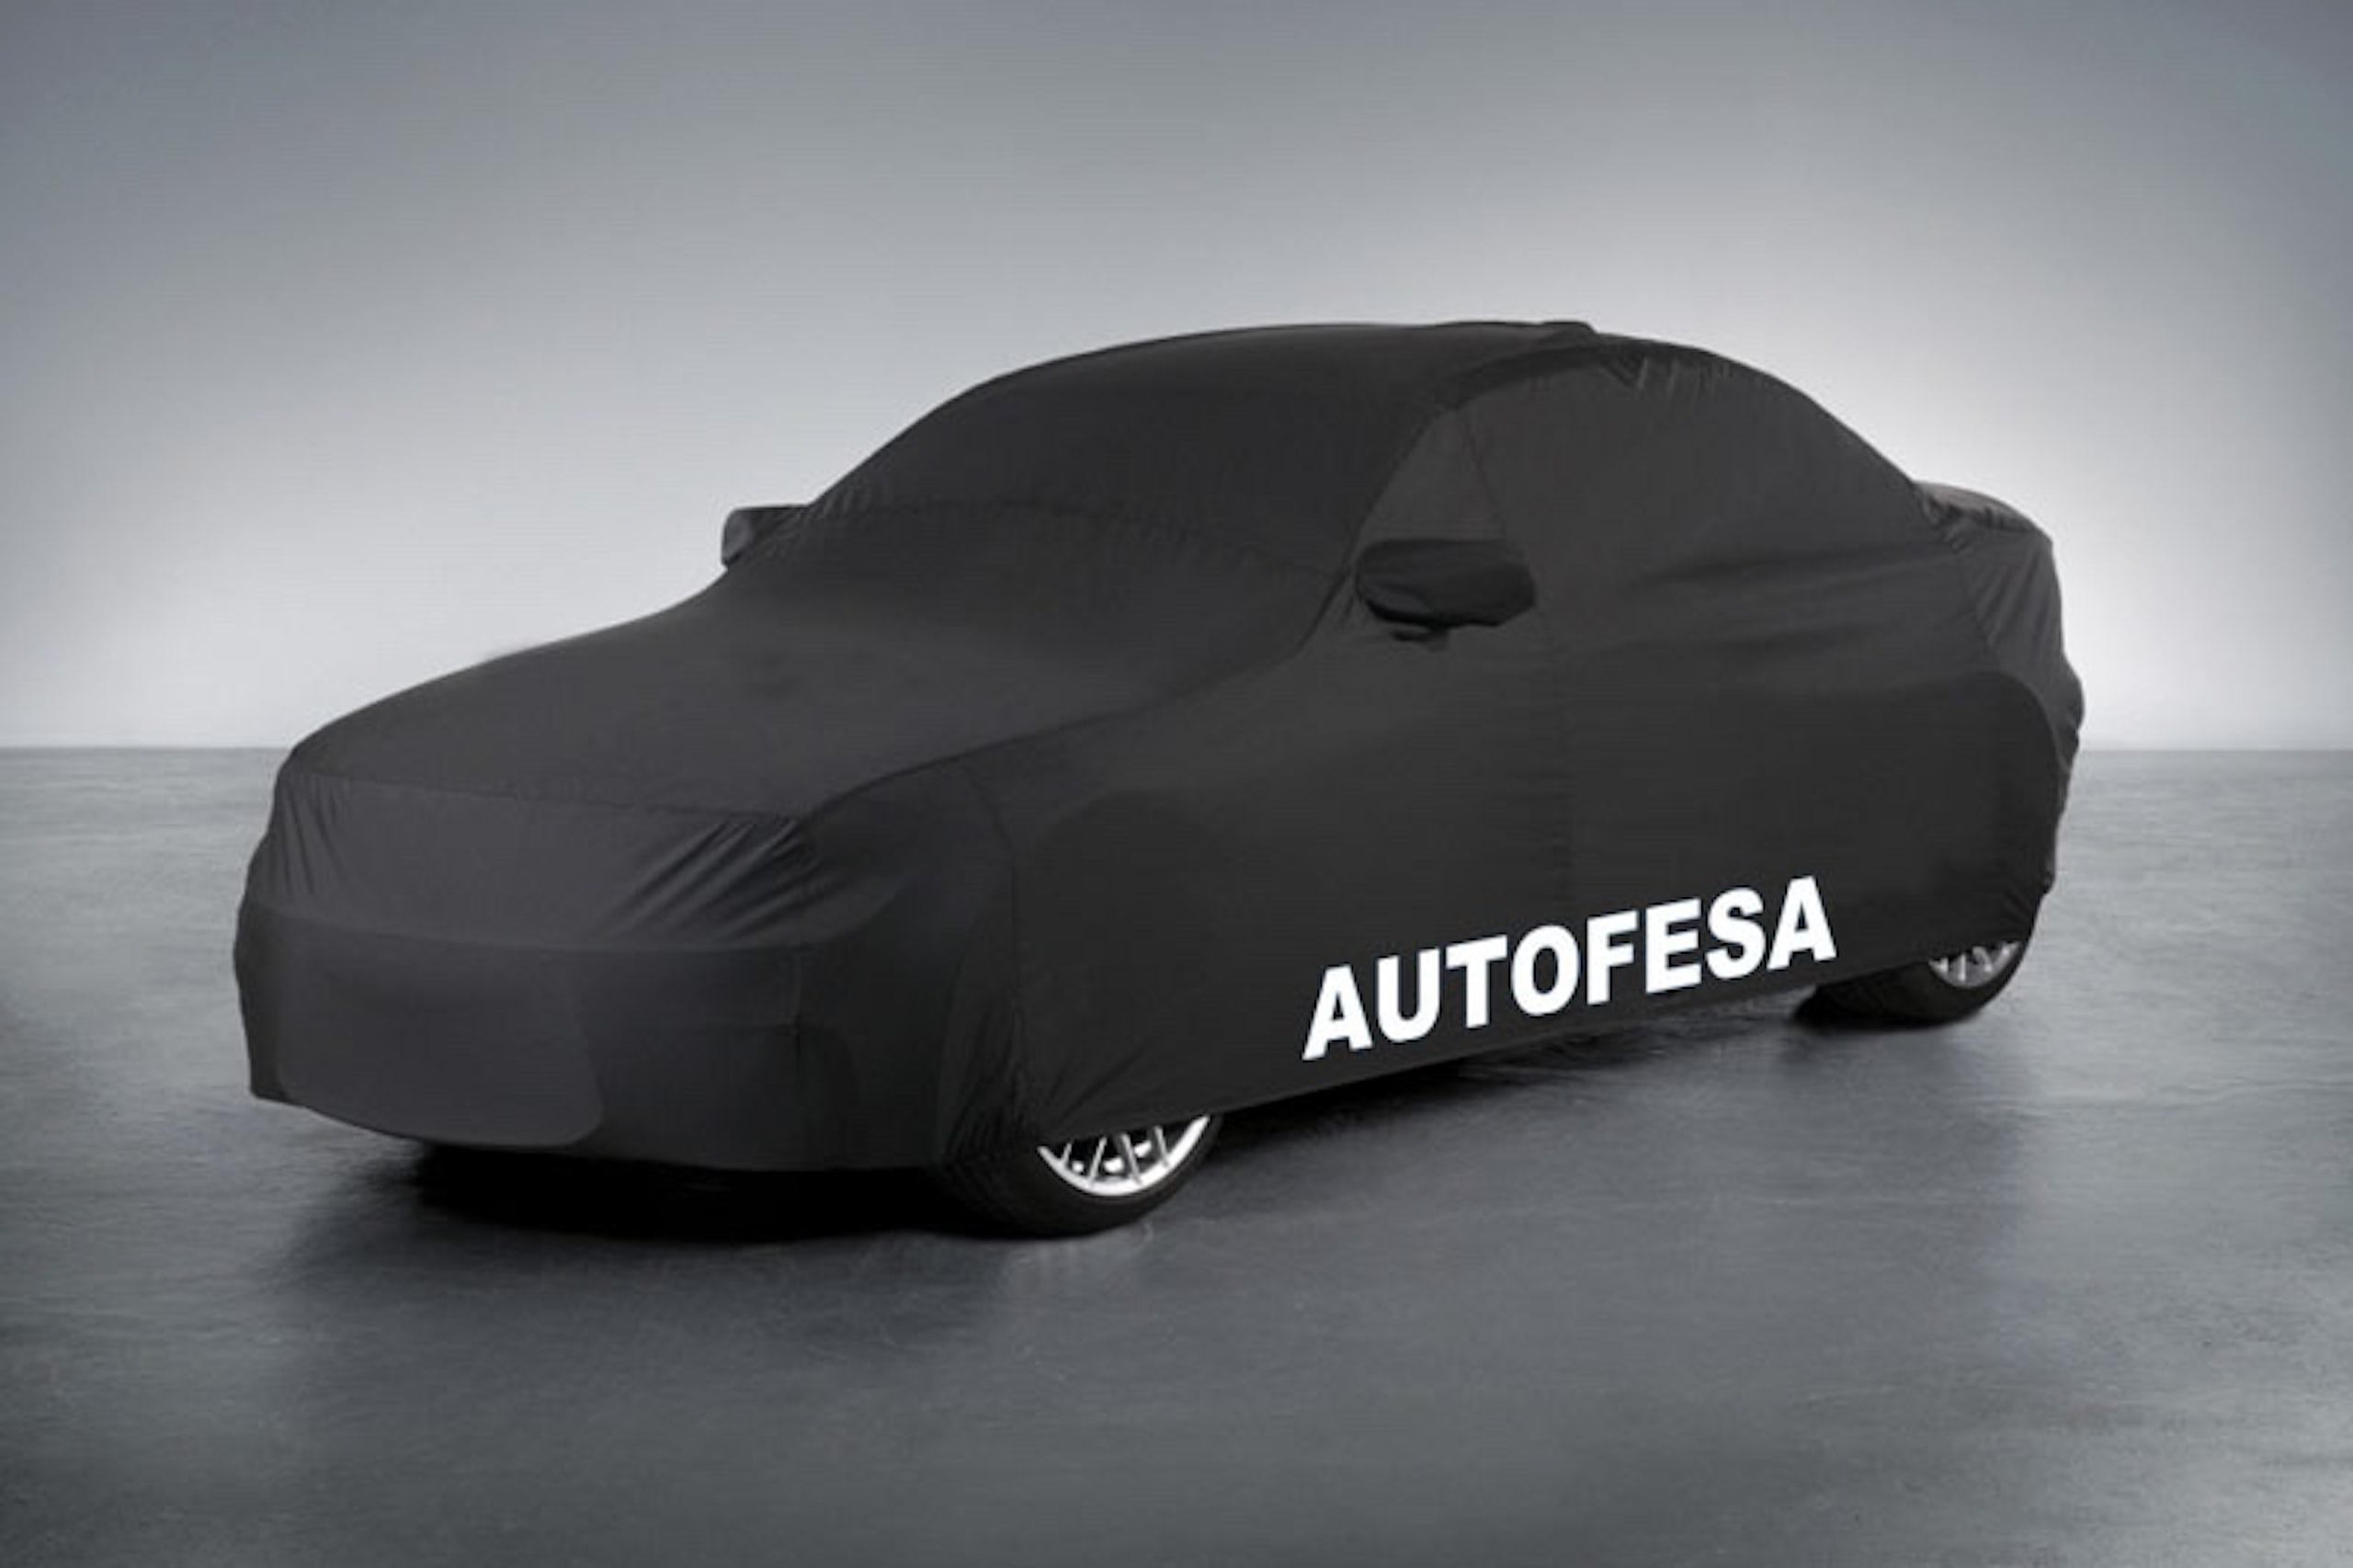 Audi Tts S Coupé 2.0 TFSI 245cv quattro S Line 3p S tronic Auto S/S - Foto 34